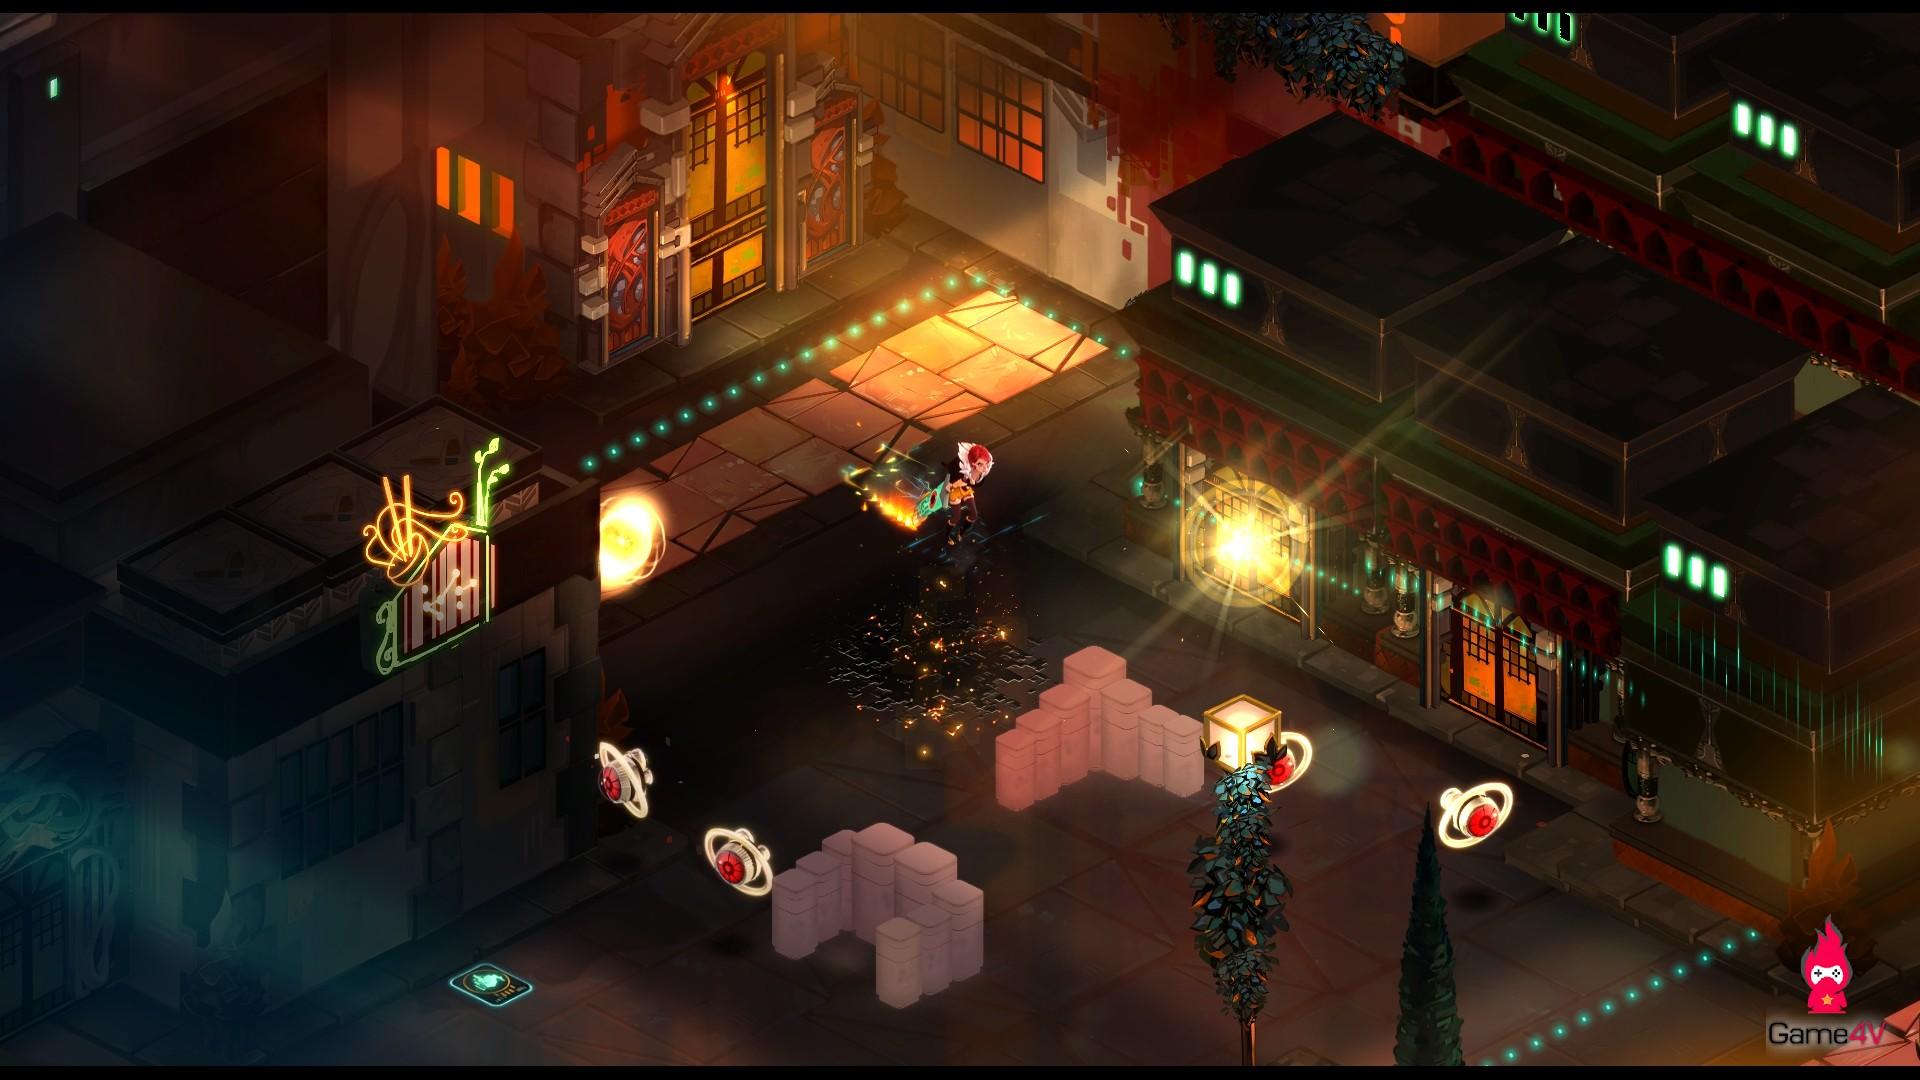 Hướng dẫn chi tiết nhận miễn phí tựa game nhập vai Indie hấp dẫn Transistor - Hình 5